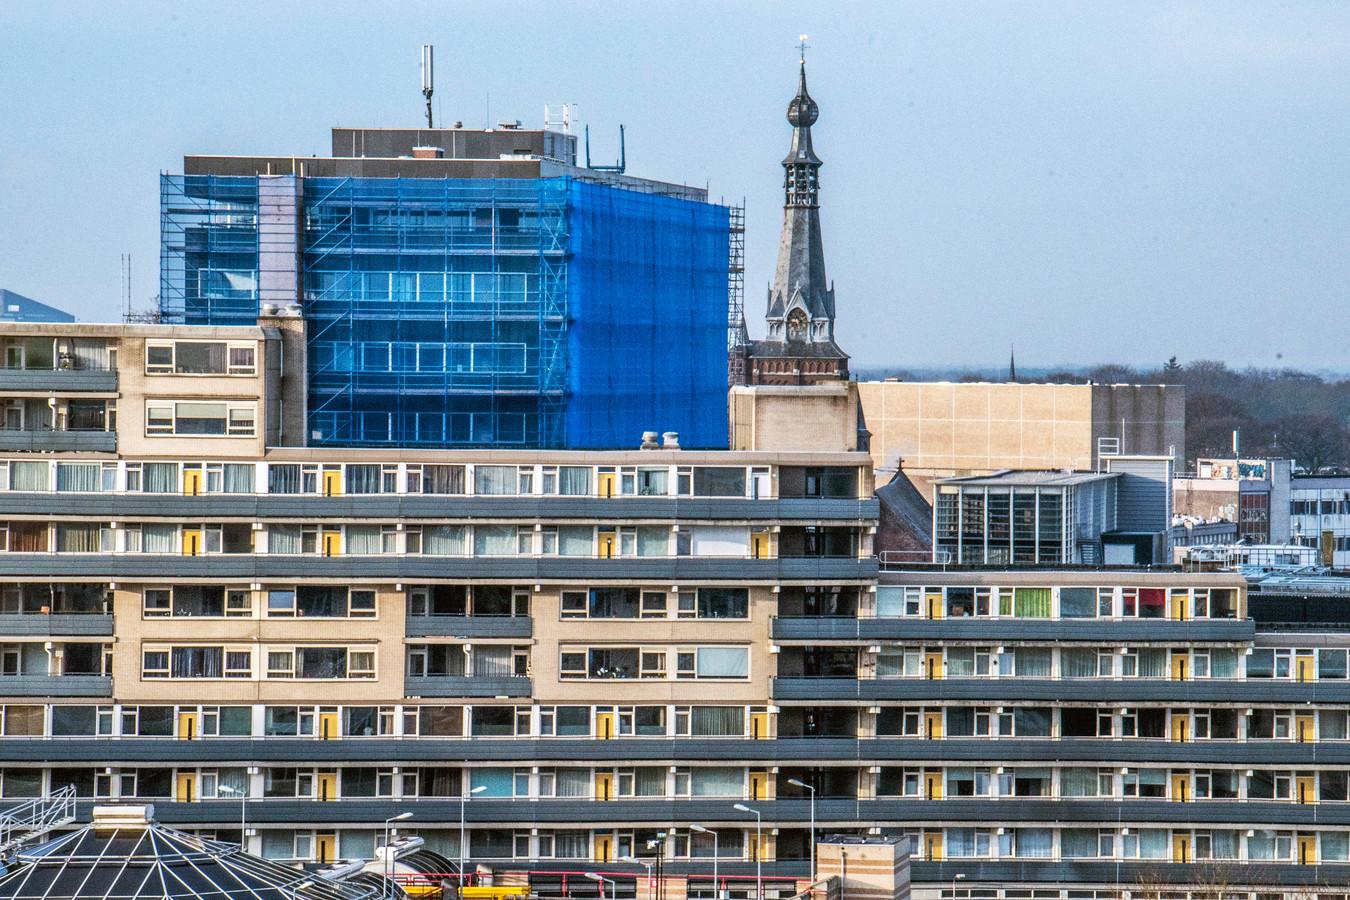 sk1 stadskantoor van zwarte doos naar blauwe doos tilburg